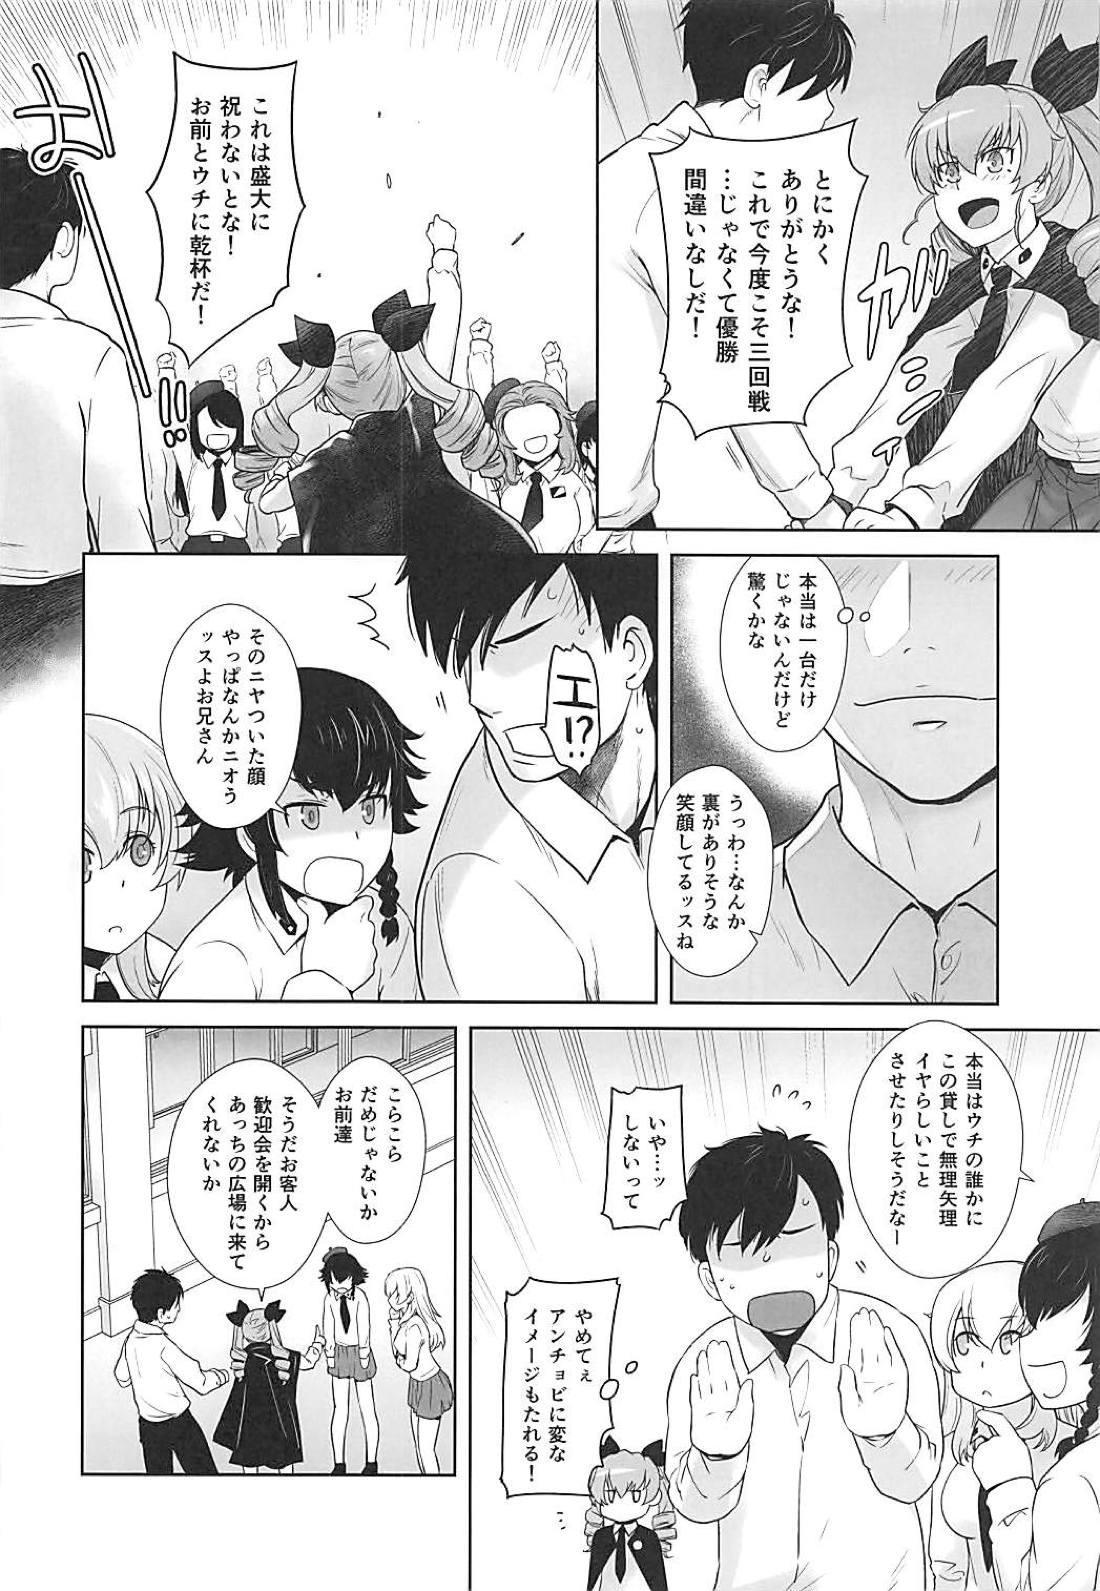 Anata ga Anchovy o Shiawase ni Suru Hon 8